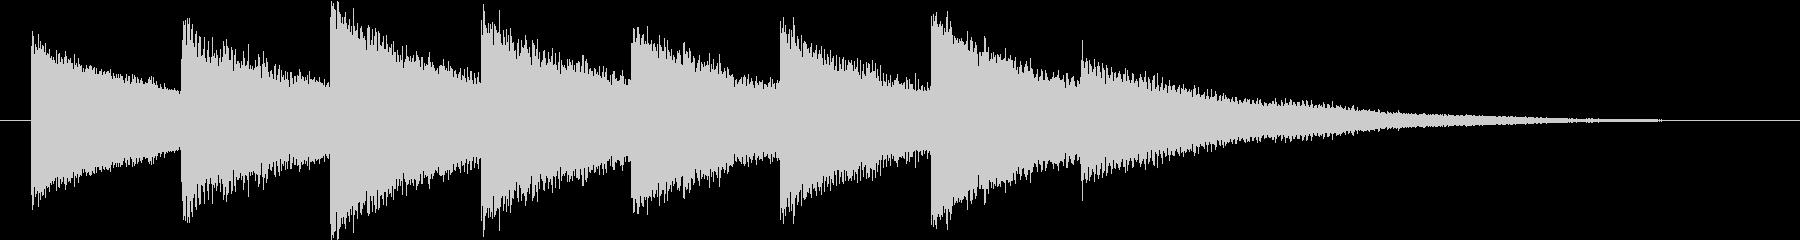 ホラー・不穏なベルの音2の未再生の波形